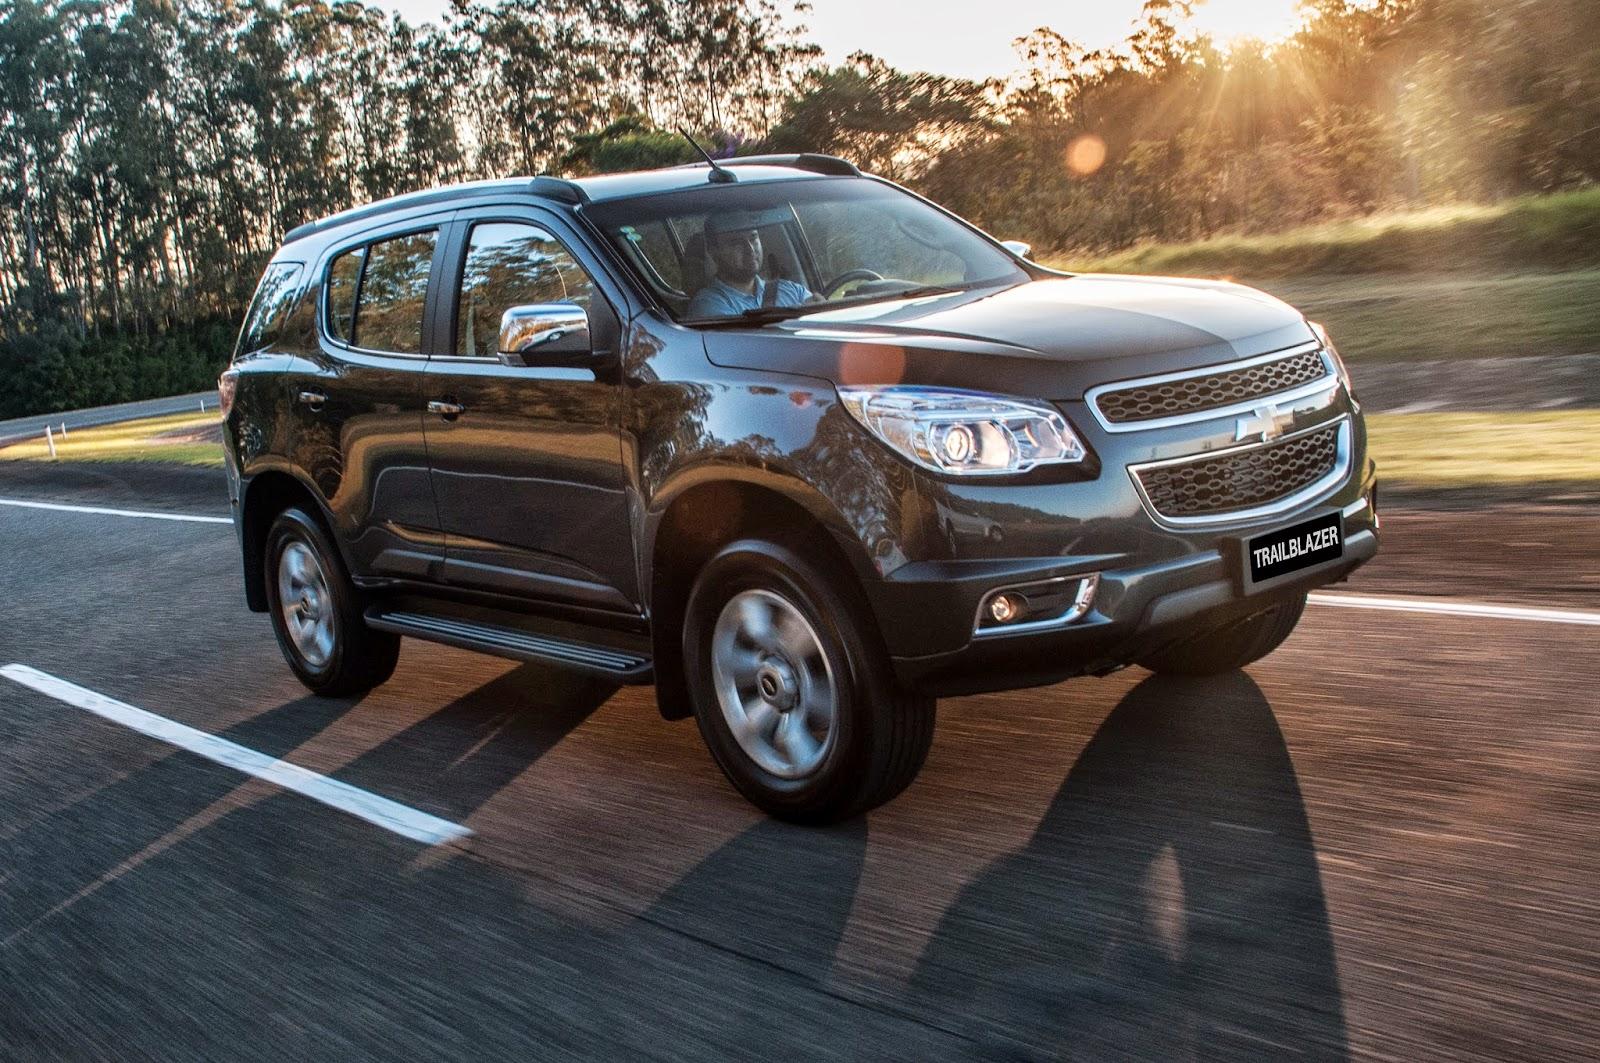 Chevrolet ya lanzo la s10 2014 con su actualizado motor de 200cv pero su hermana carrozada la trailblazer todav a se sigue ofreciendo en versi n 2013 en